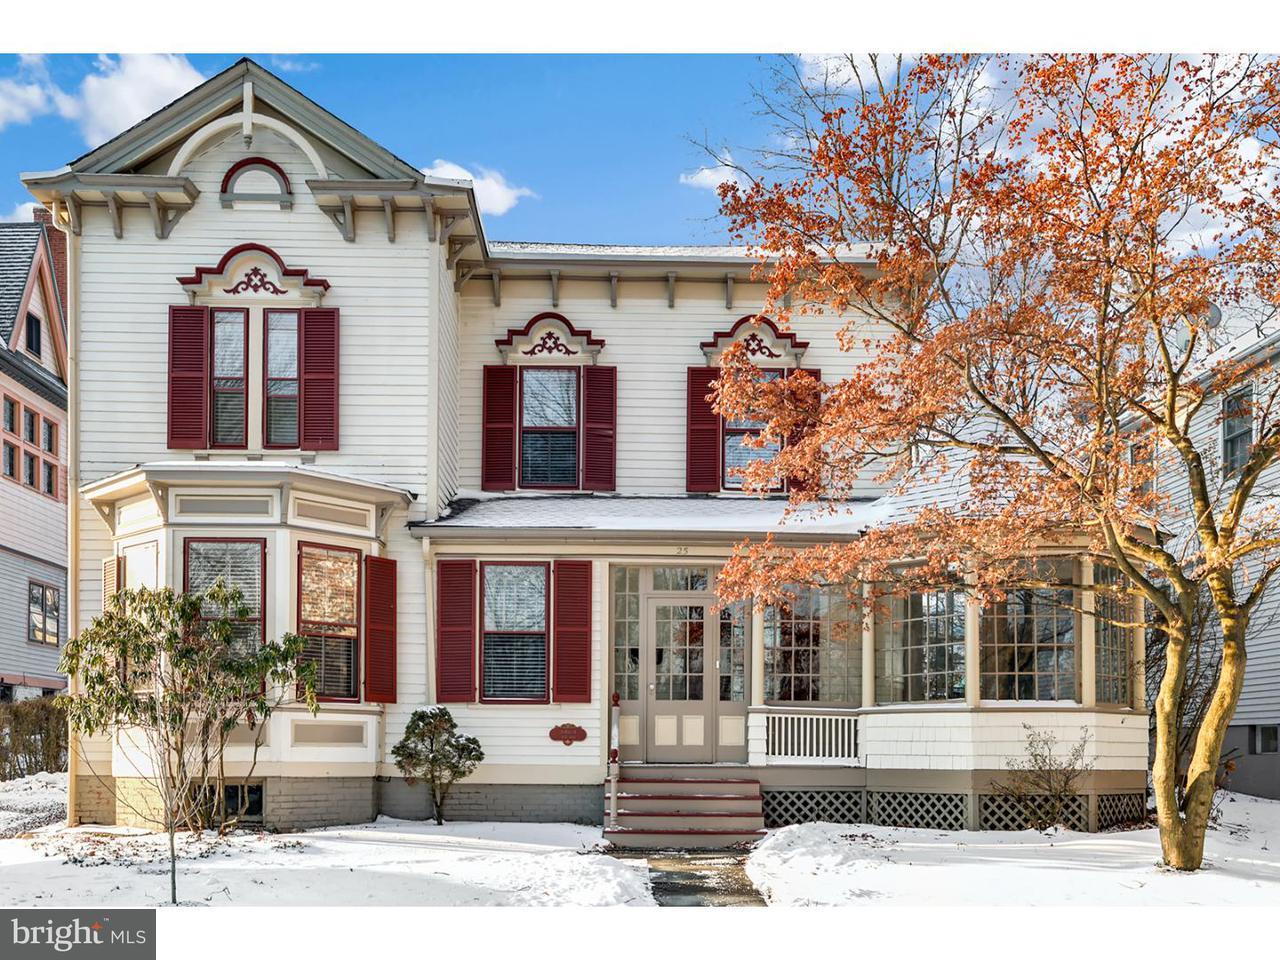 Частный односемейный дом для того Продажа на 25 HILL Street Morristown, Нью-Джерси 07960 Соединенные Штаты